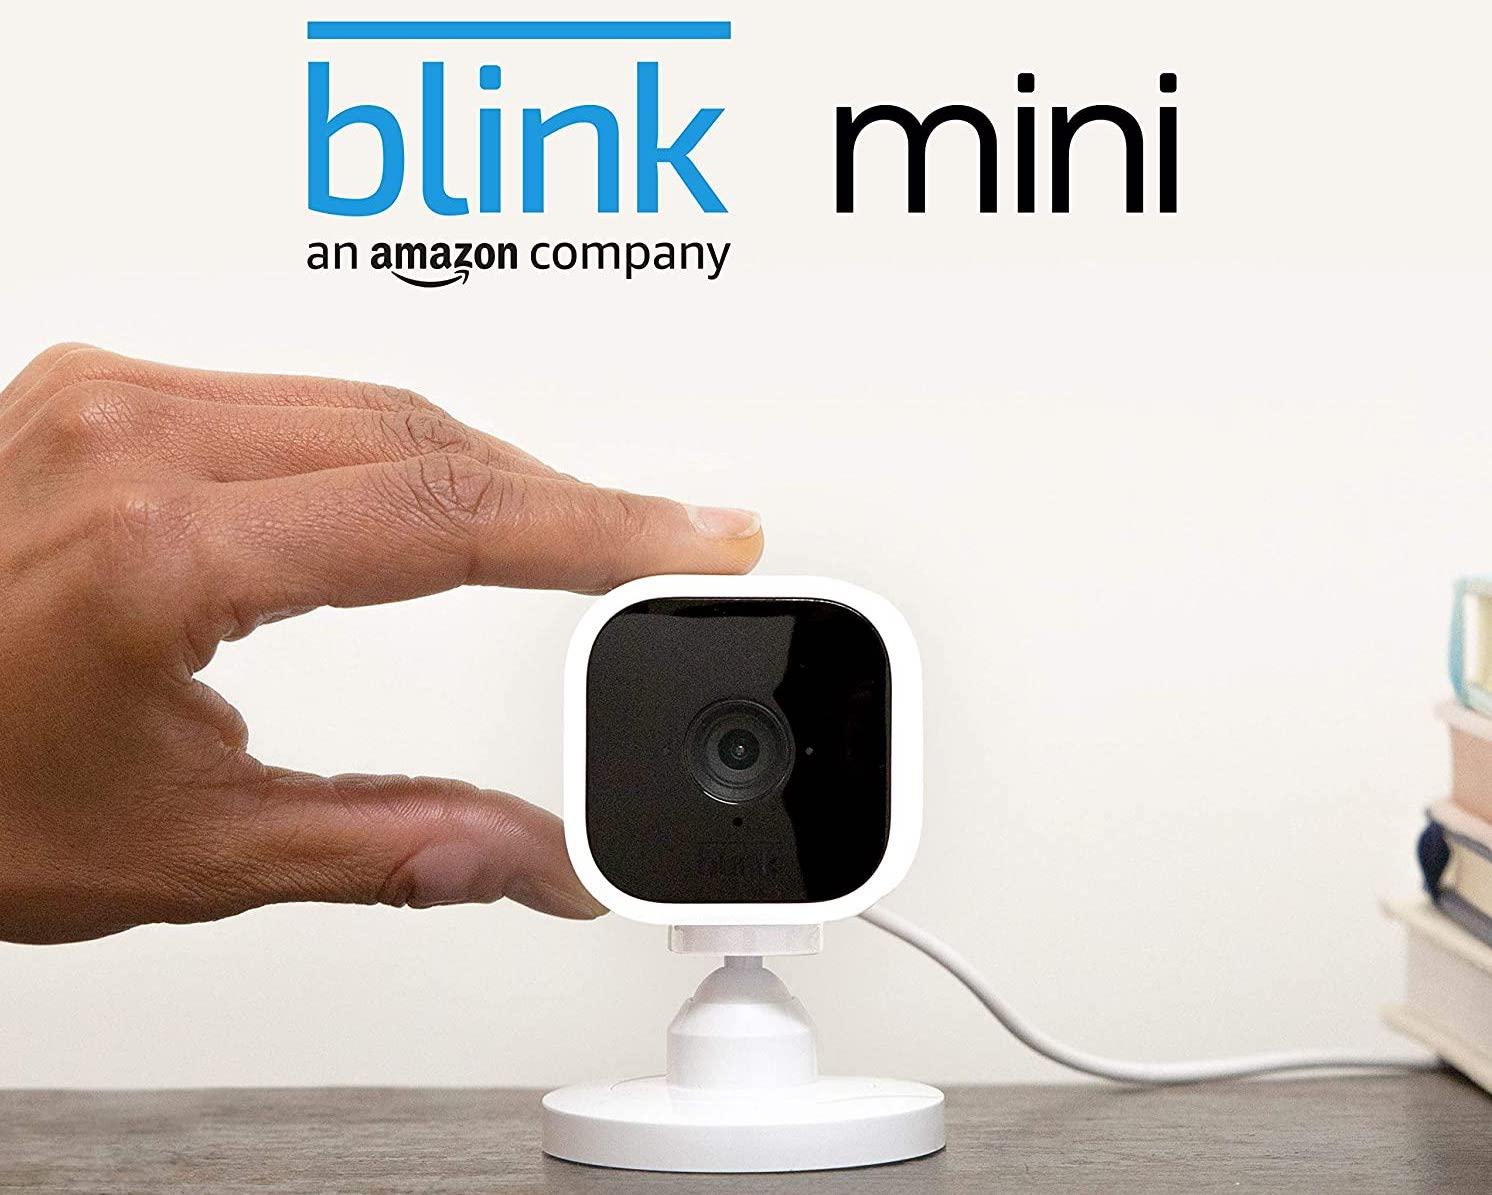 Blink Mini la nouvelle caméra d'Amazon à seulement 40€